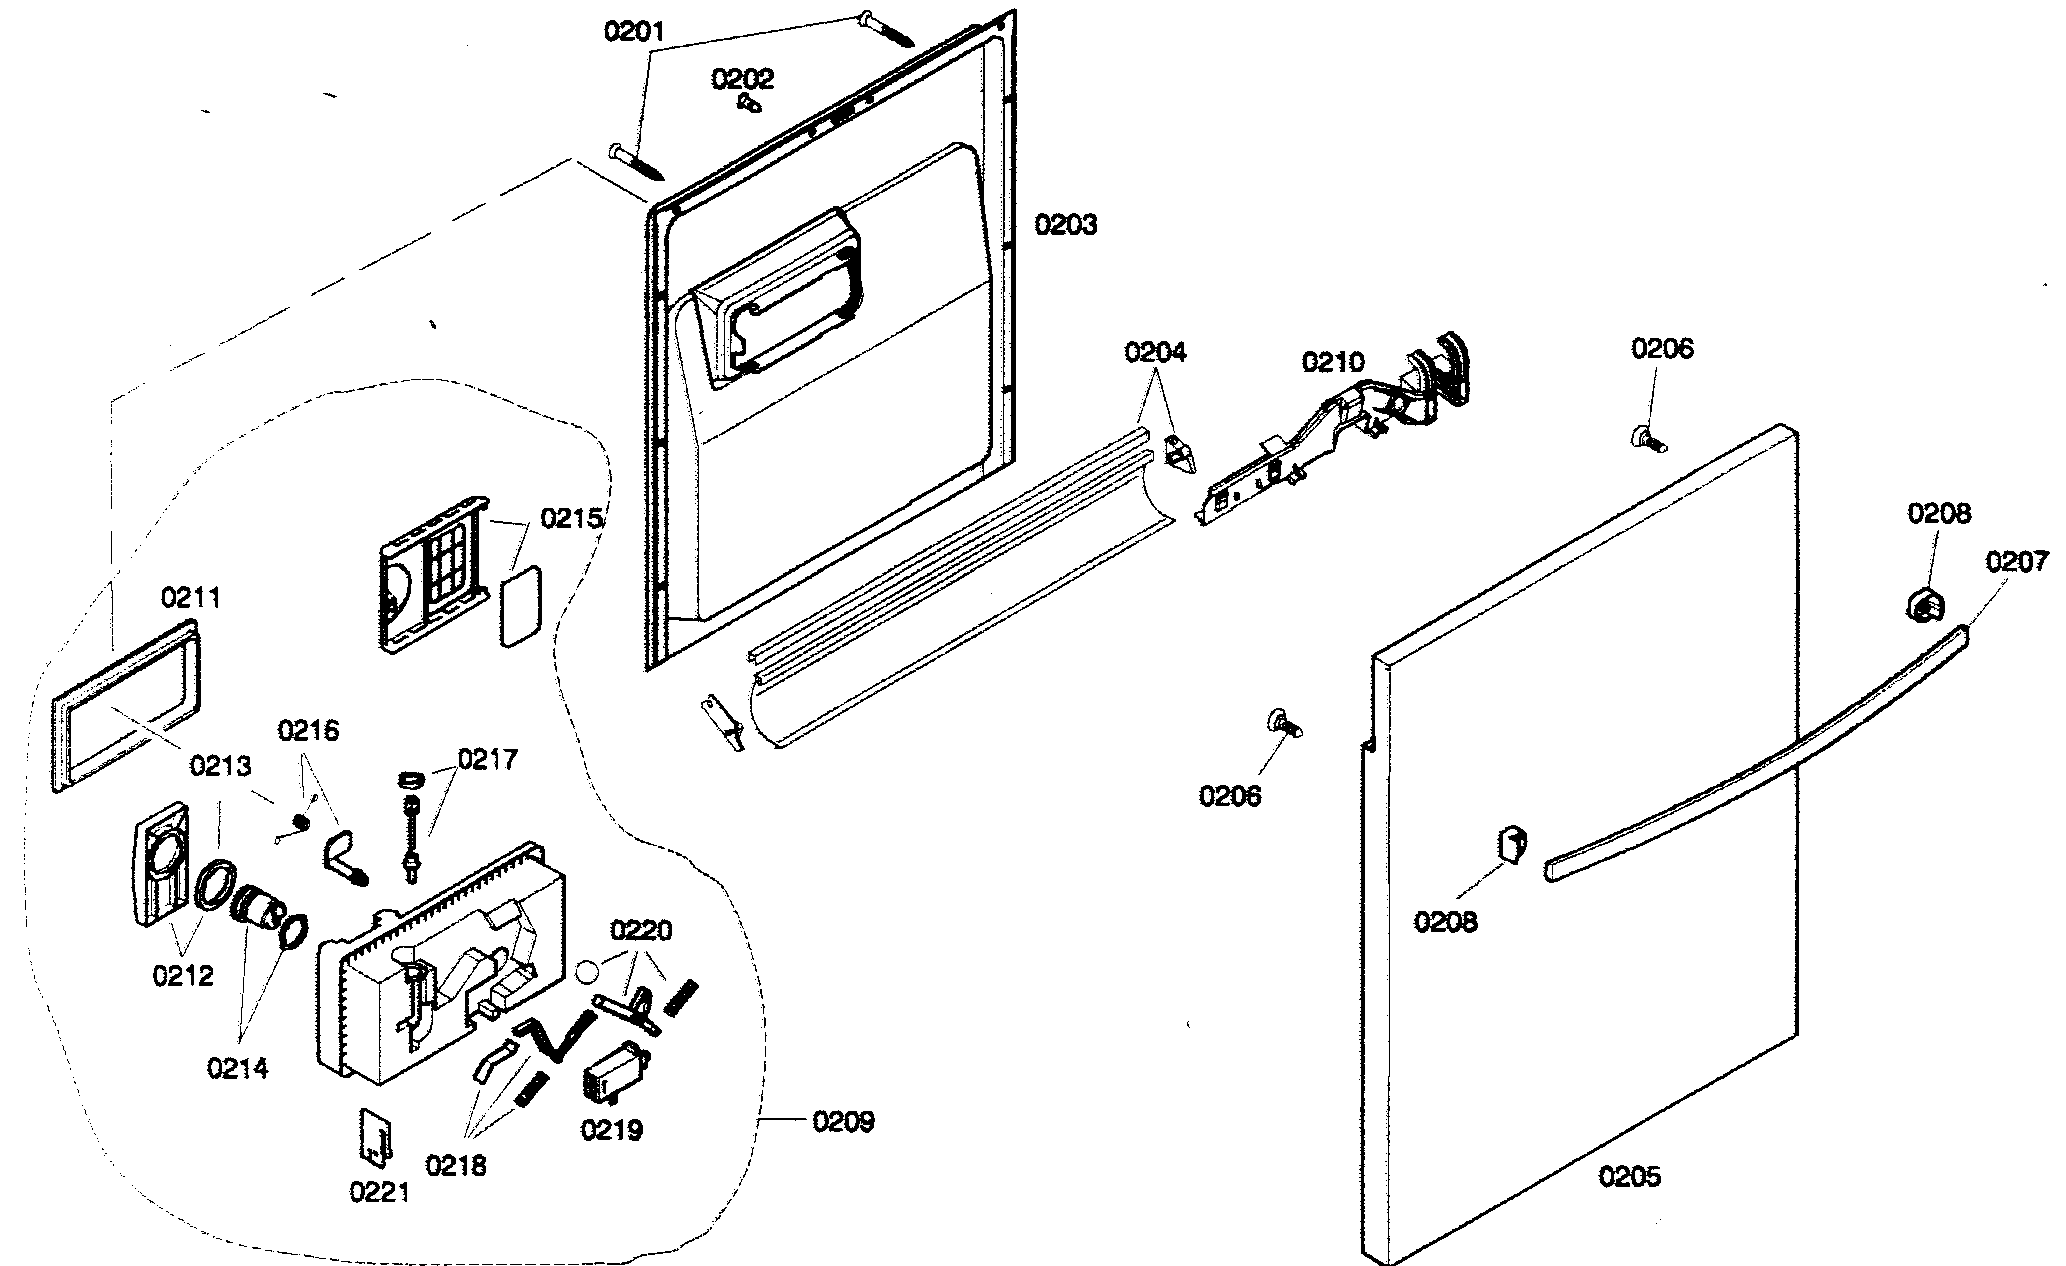 DOOR ASSY Diagram & Parts List for Model SHX33A05UC21